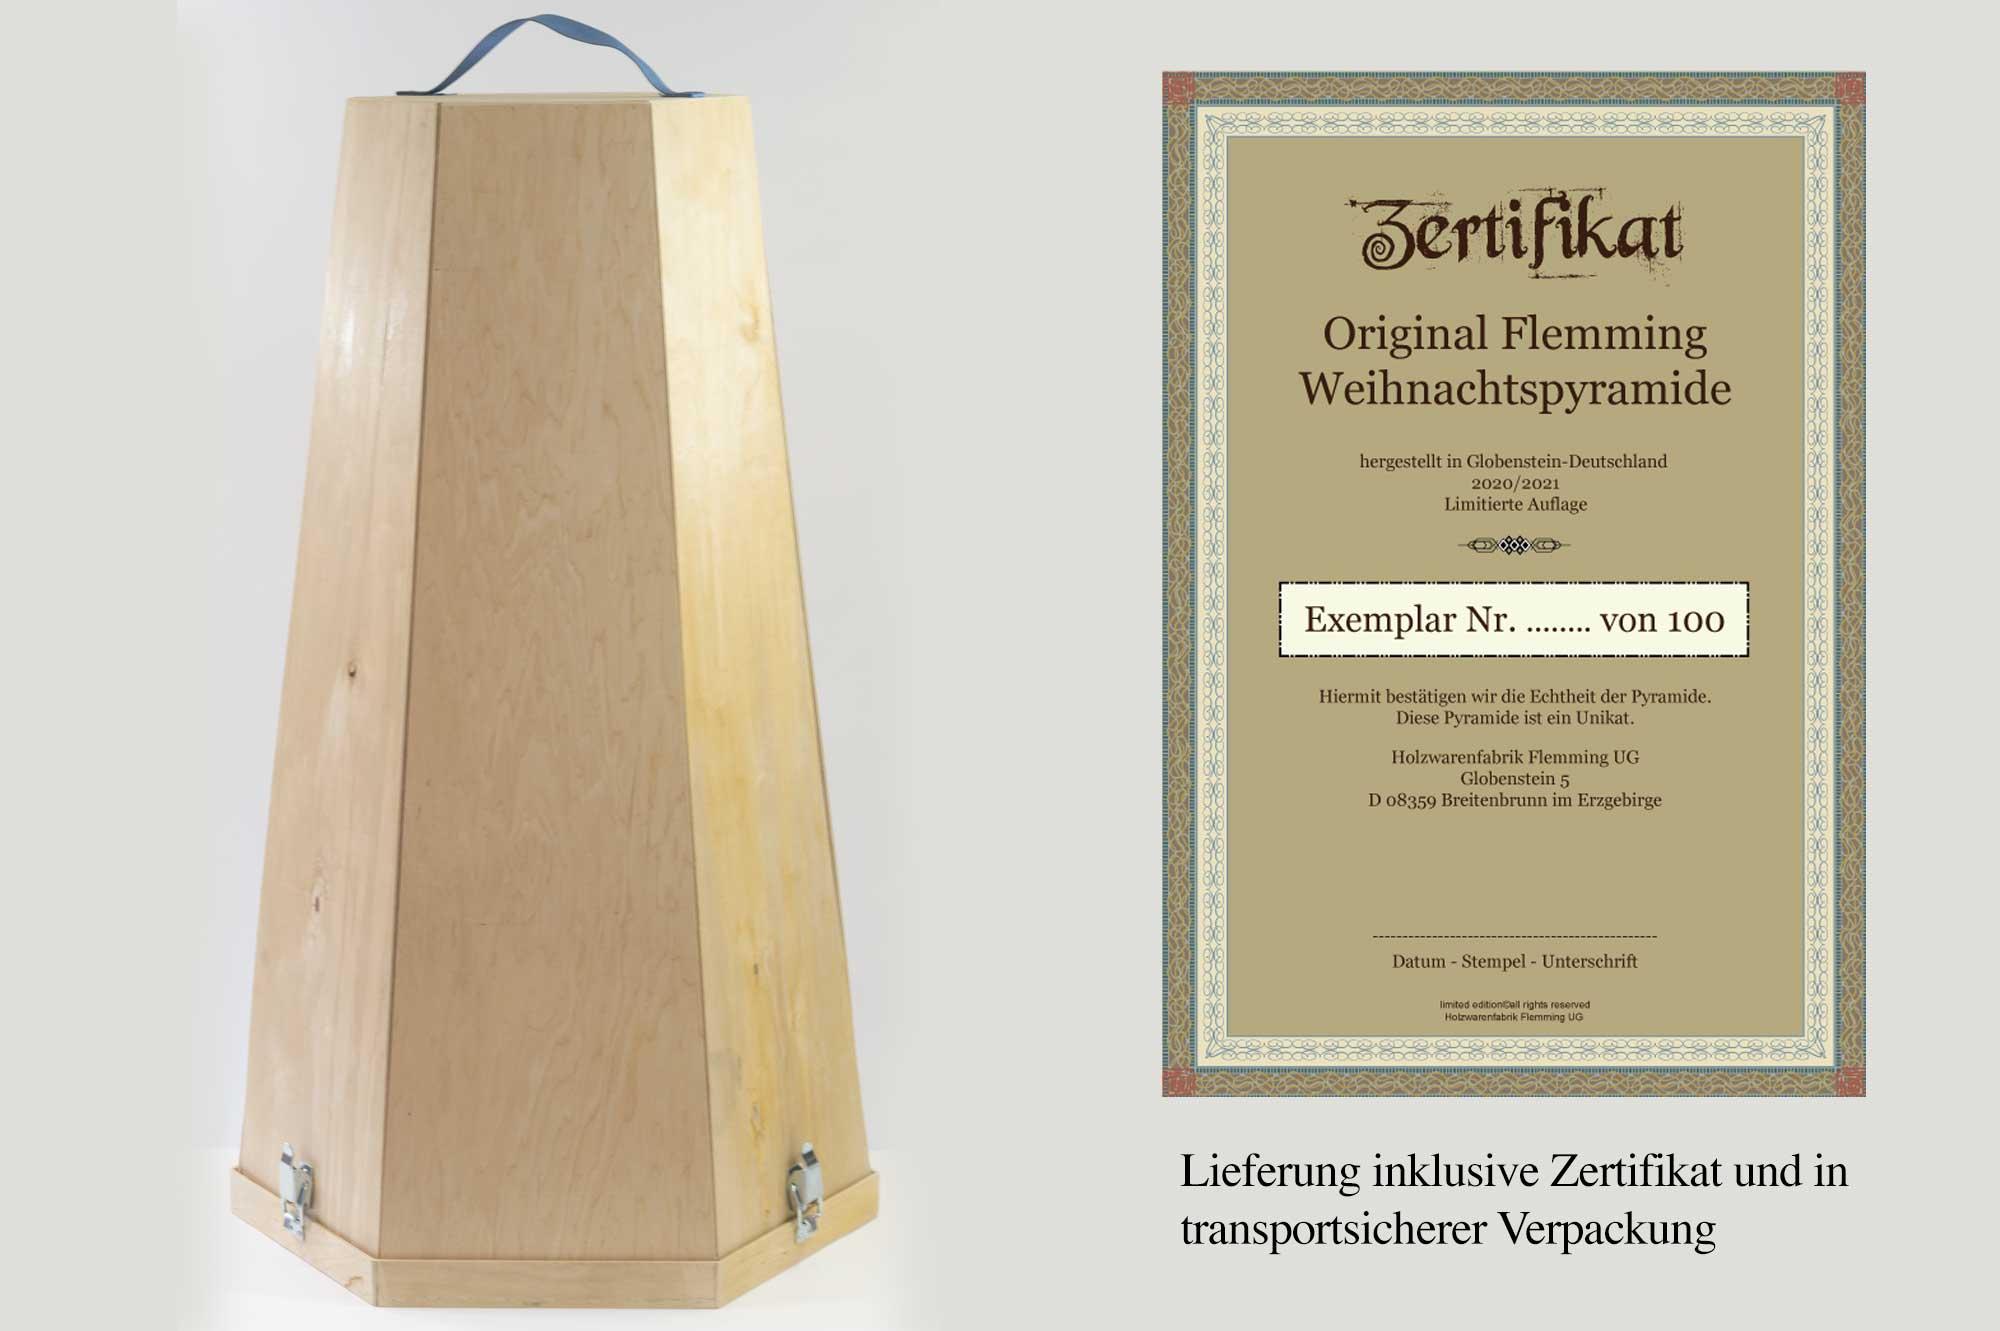 Transportsichere Verpackung und Zertifikat inklusive